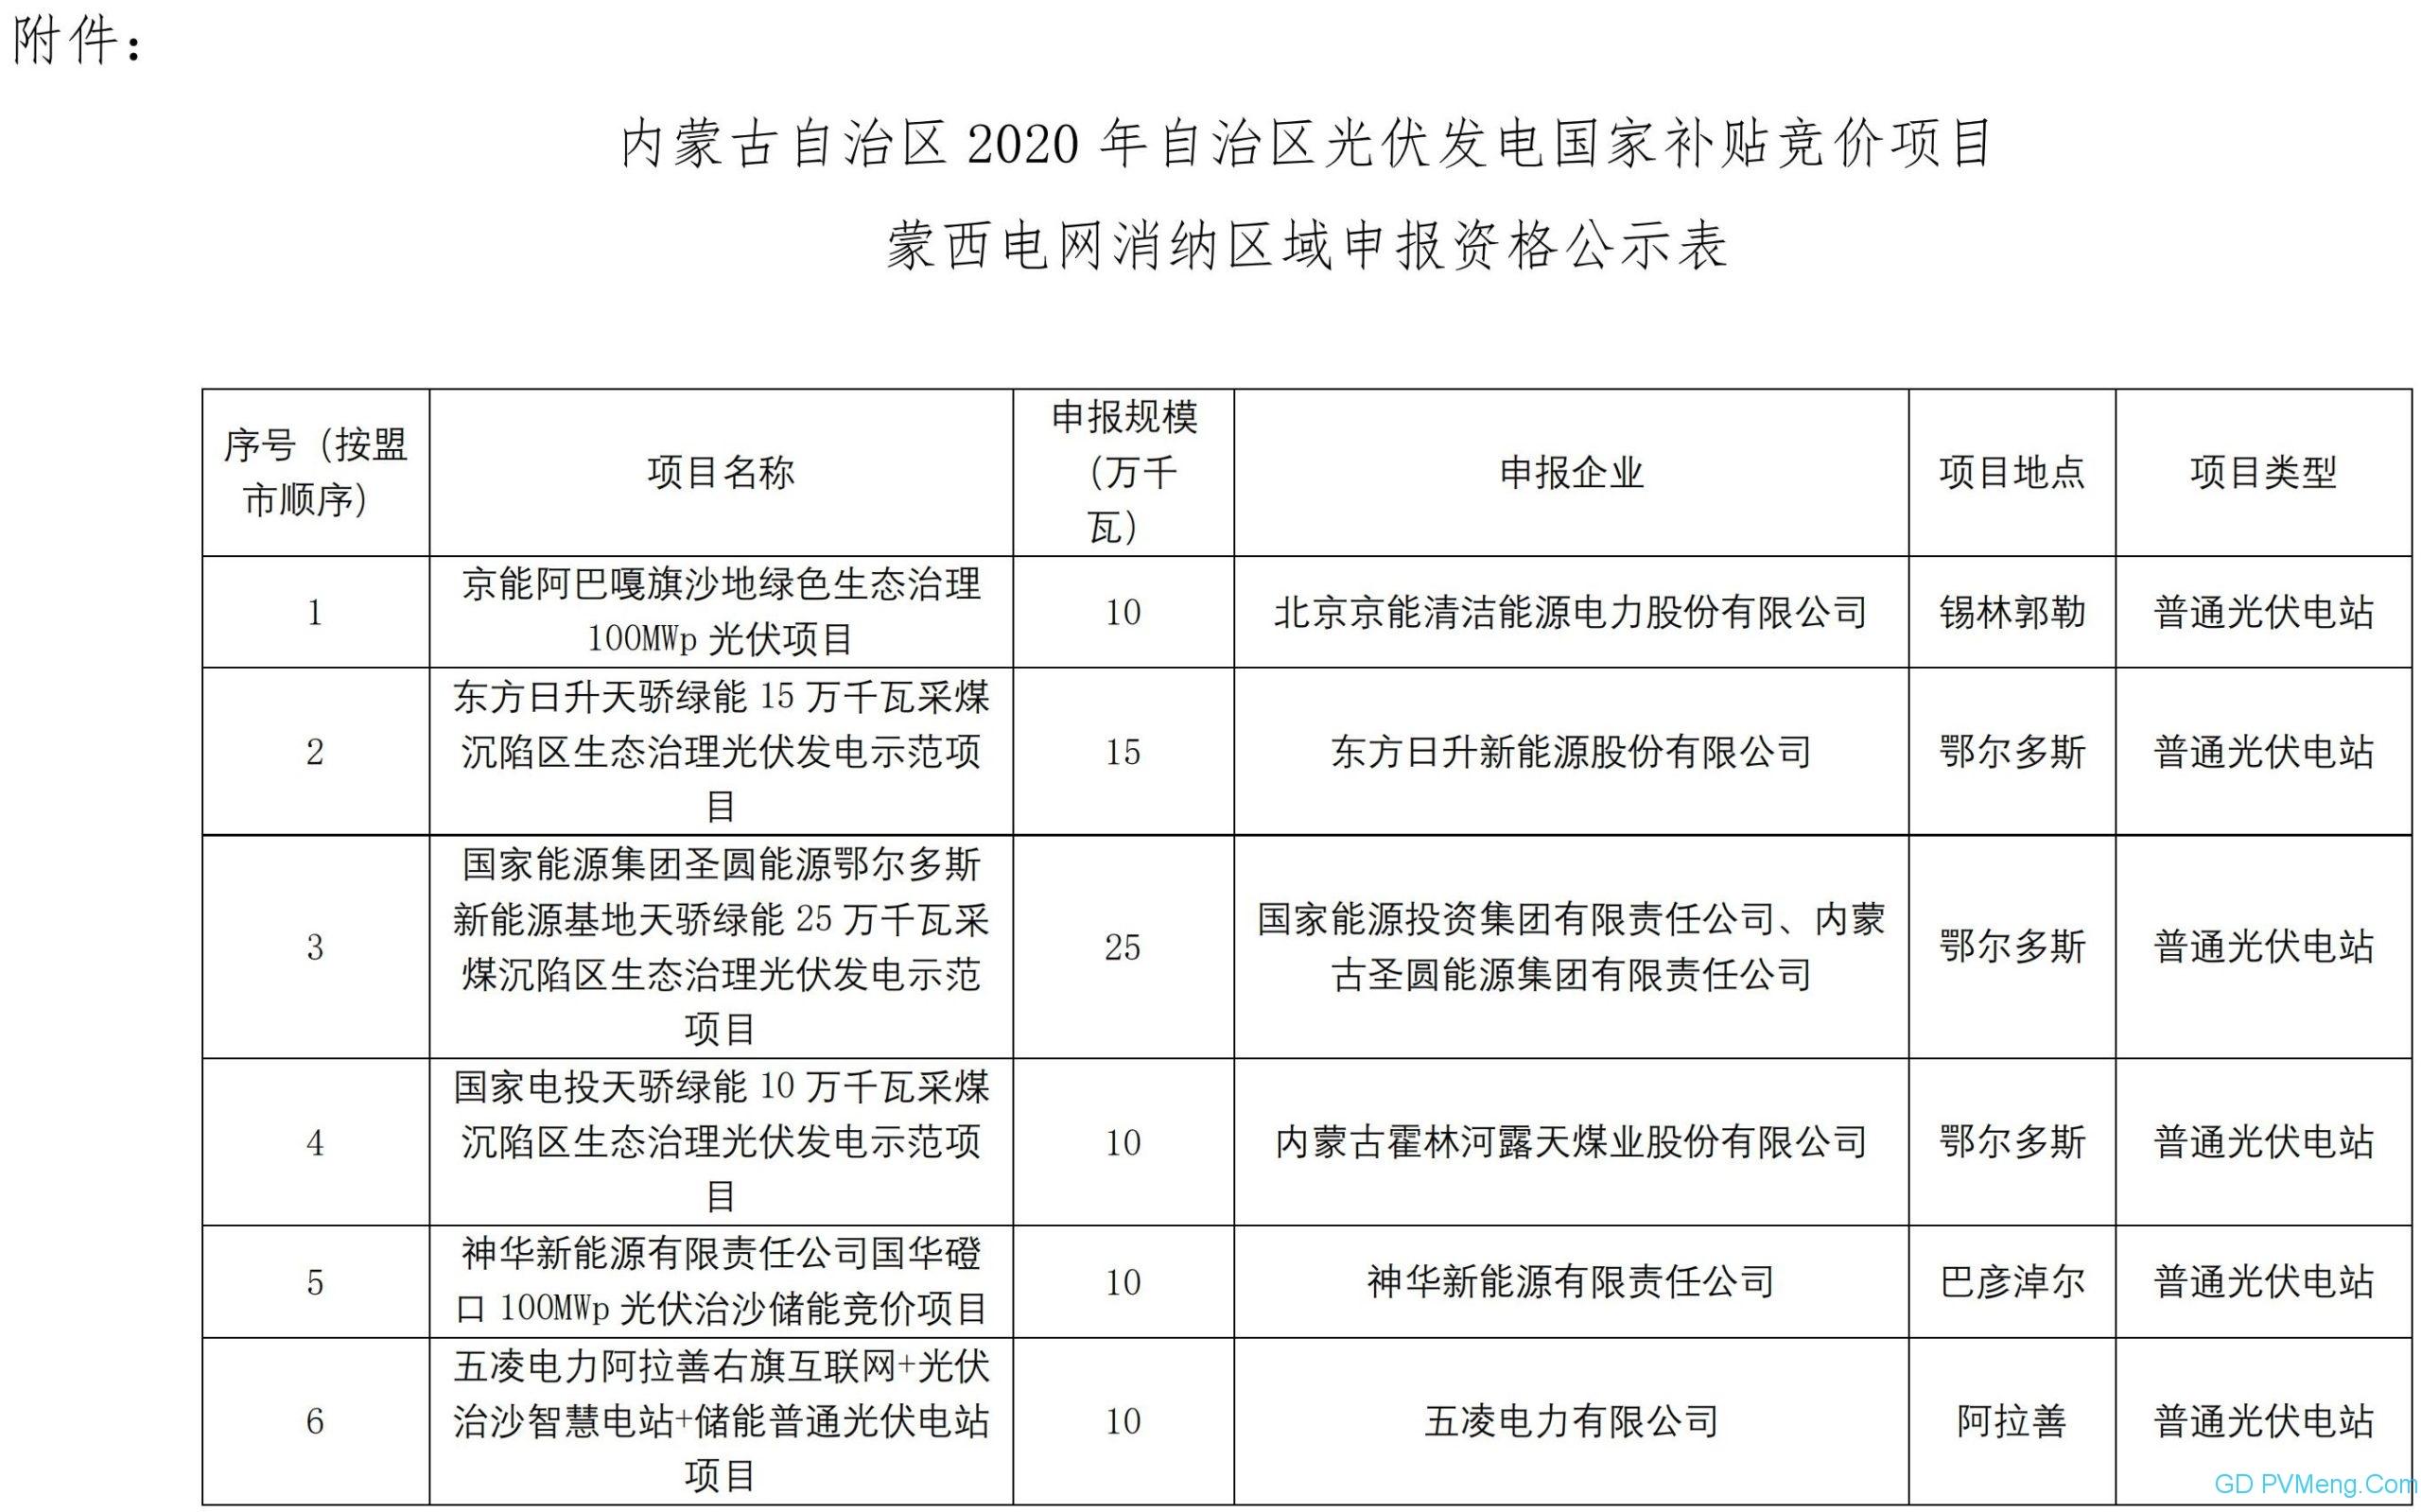 内蒙古自治区能源局关于2020年光伏发电国家补贴竞价项目申报资格的公示20200528